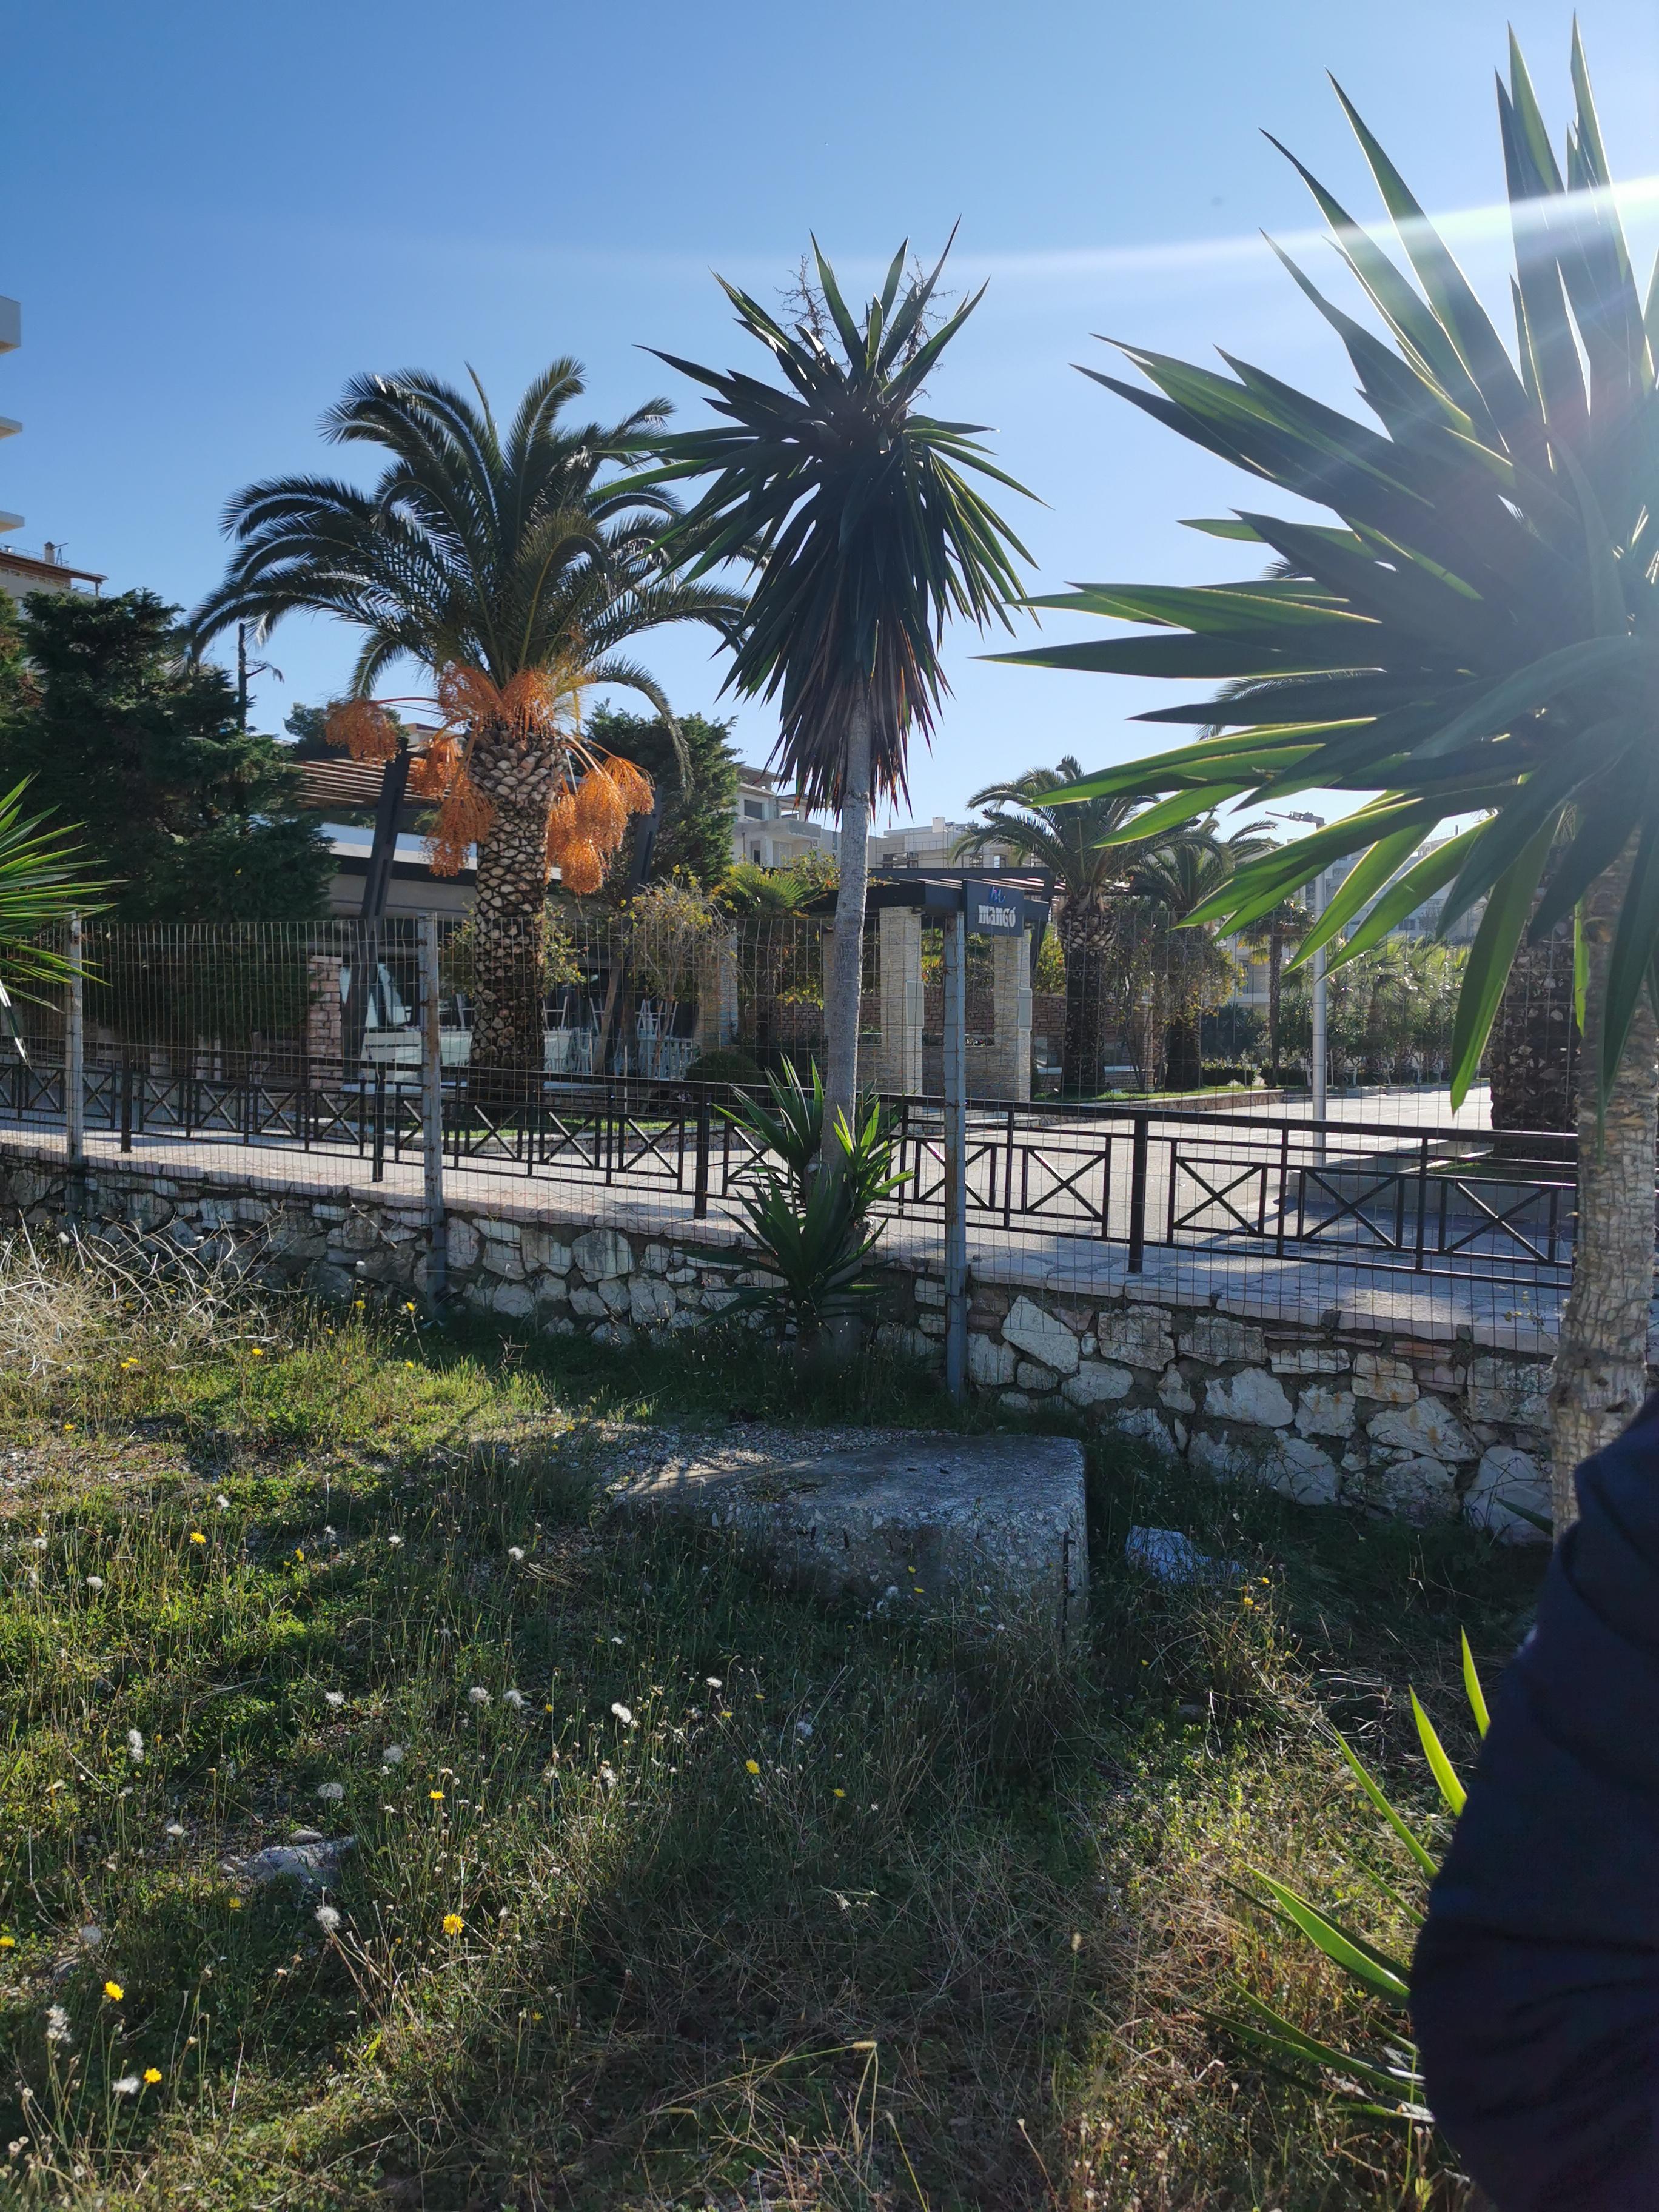 Letovanje Albanija hoteli, Saranda, autobus, Hotel Perla, plaža izgled